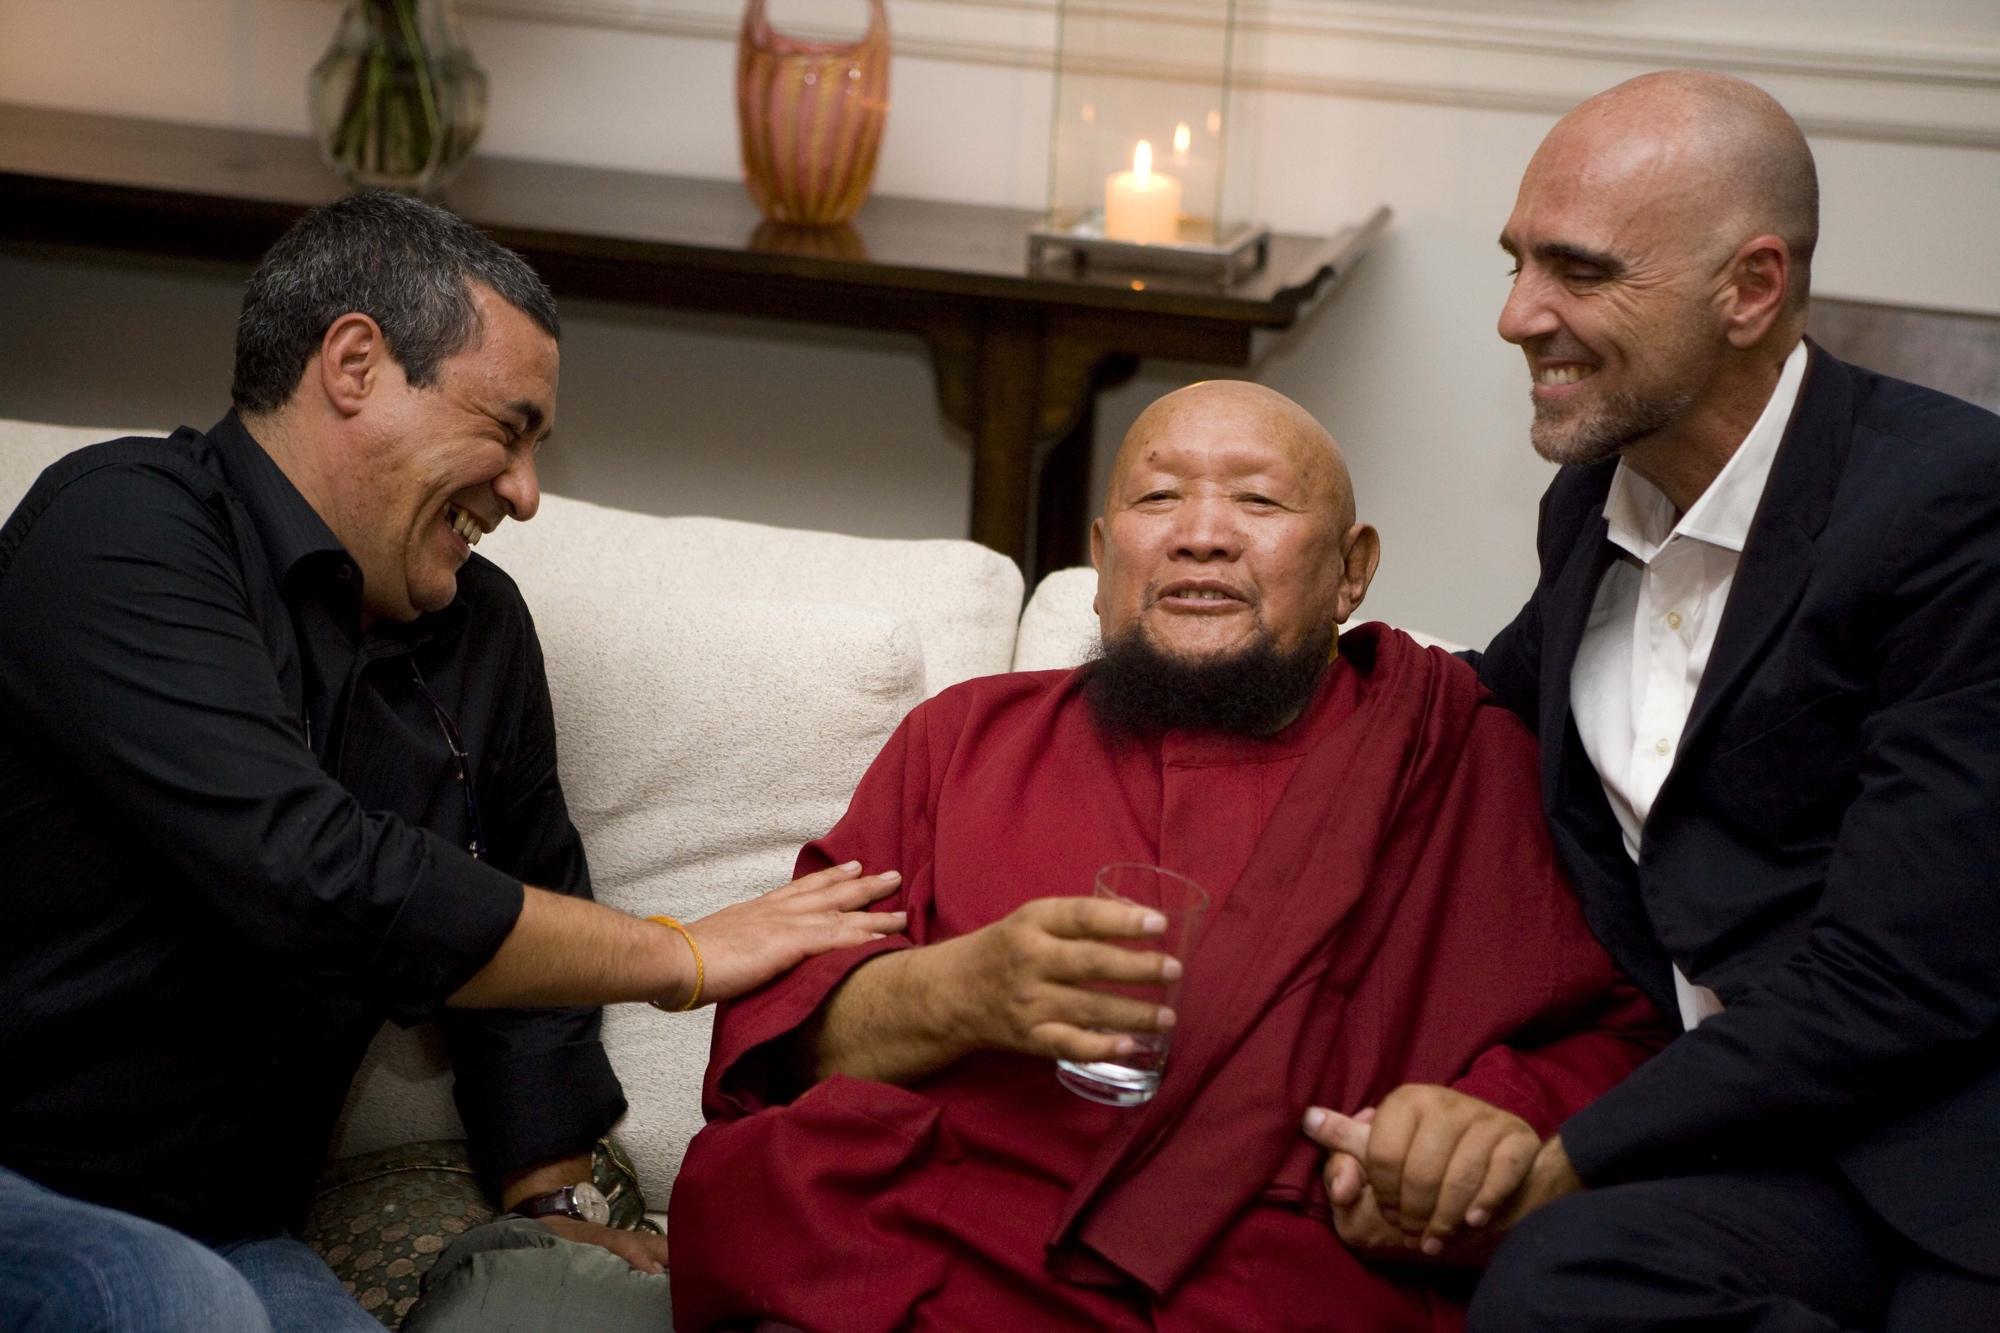 Marcus Elias de mãos dadas com o lama Gangchen em 2009. Crédito: Mônica Bergamo/Folhapress